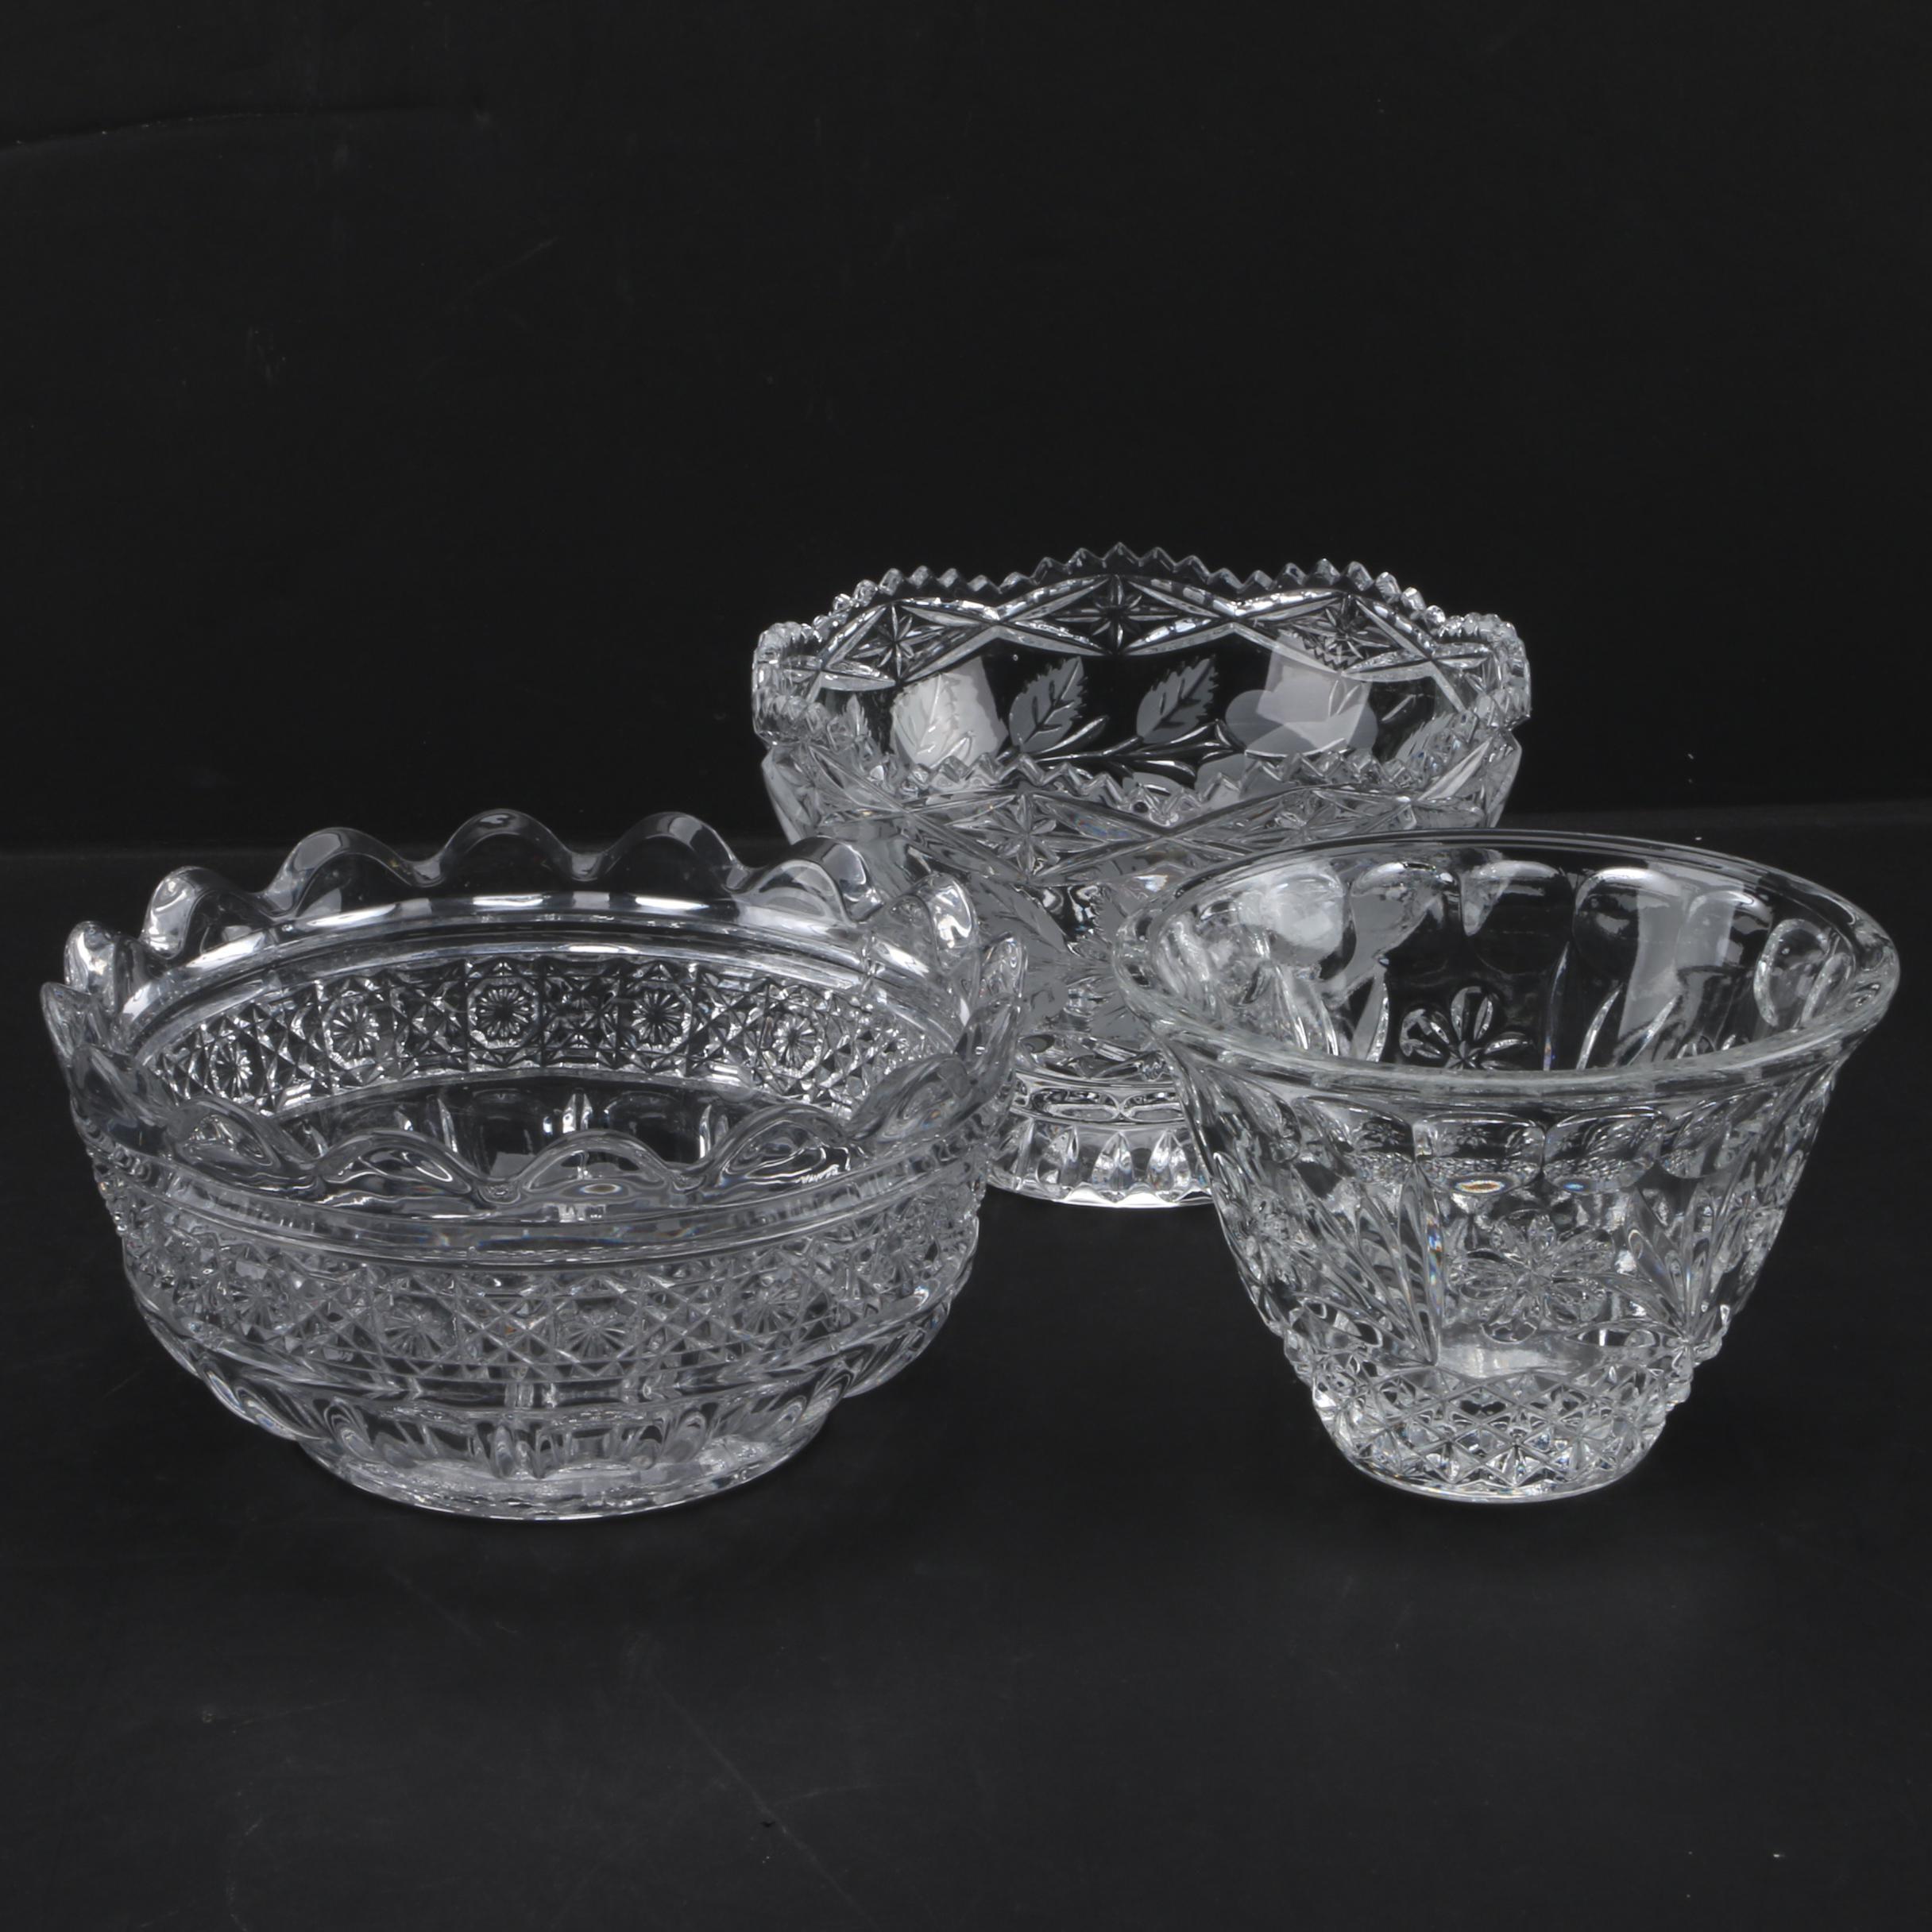 Vintage Crystal Bowls